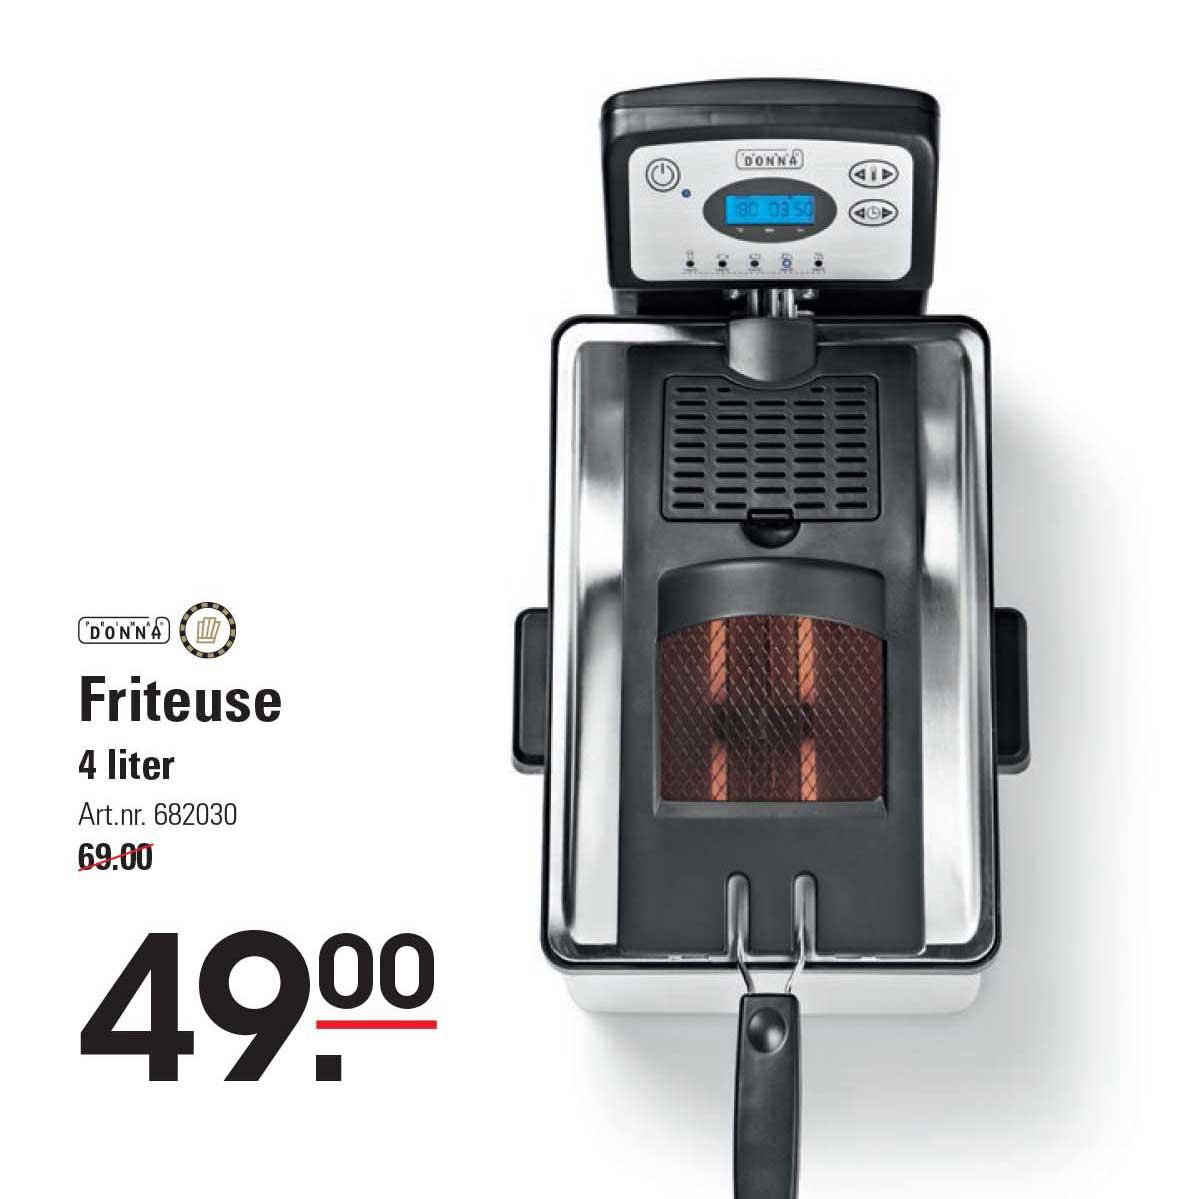 Sligro Friteuse 4 Liter